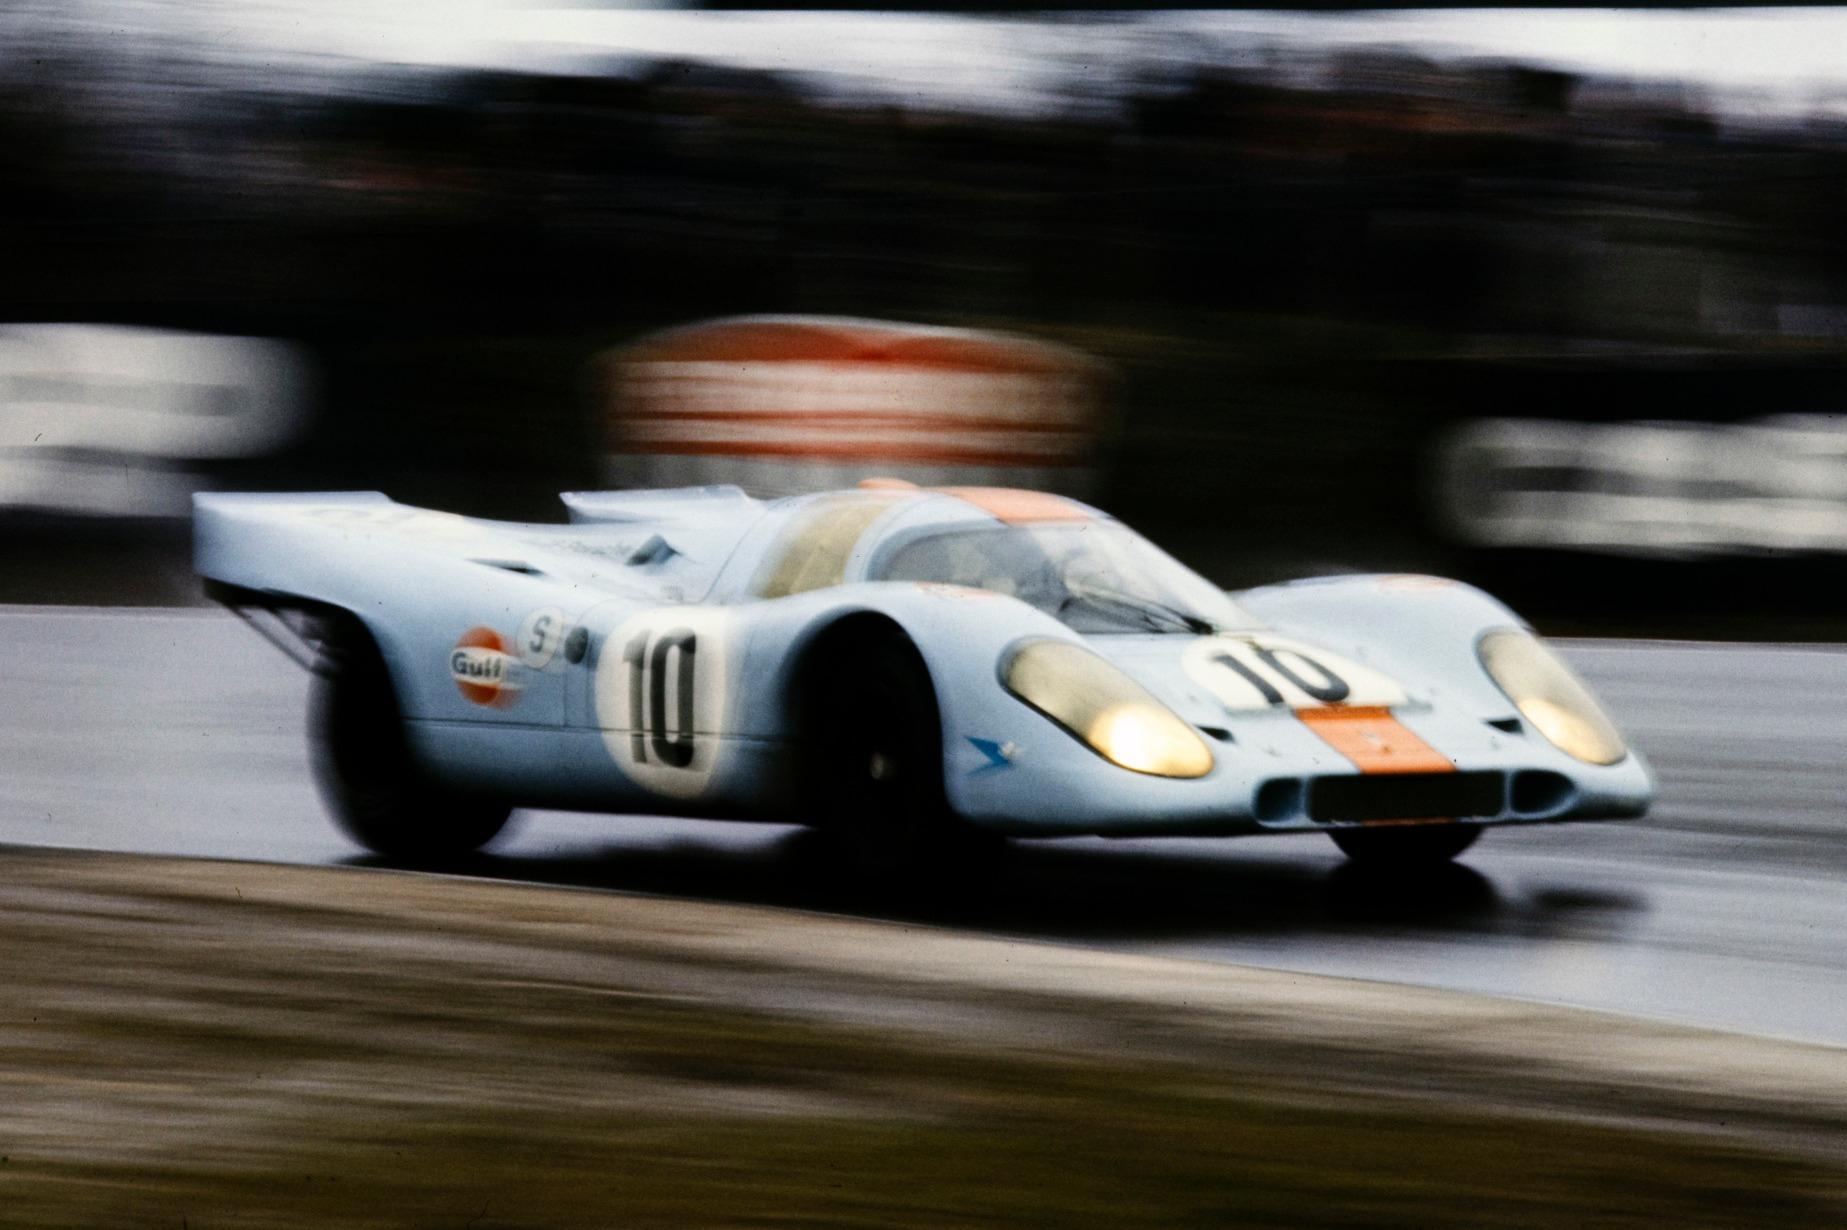 Pedro Rodriguez en acción en Brands Hatch en 1970, quizás su mejor actuación.